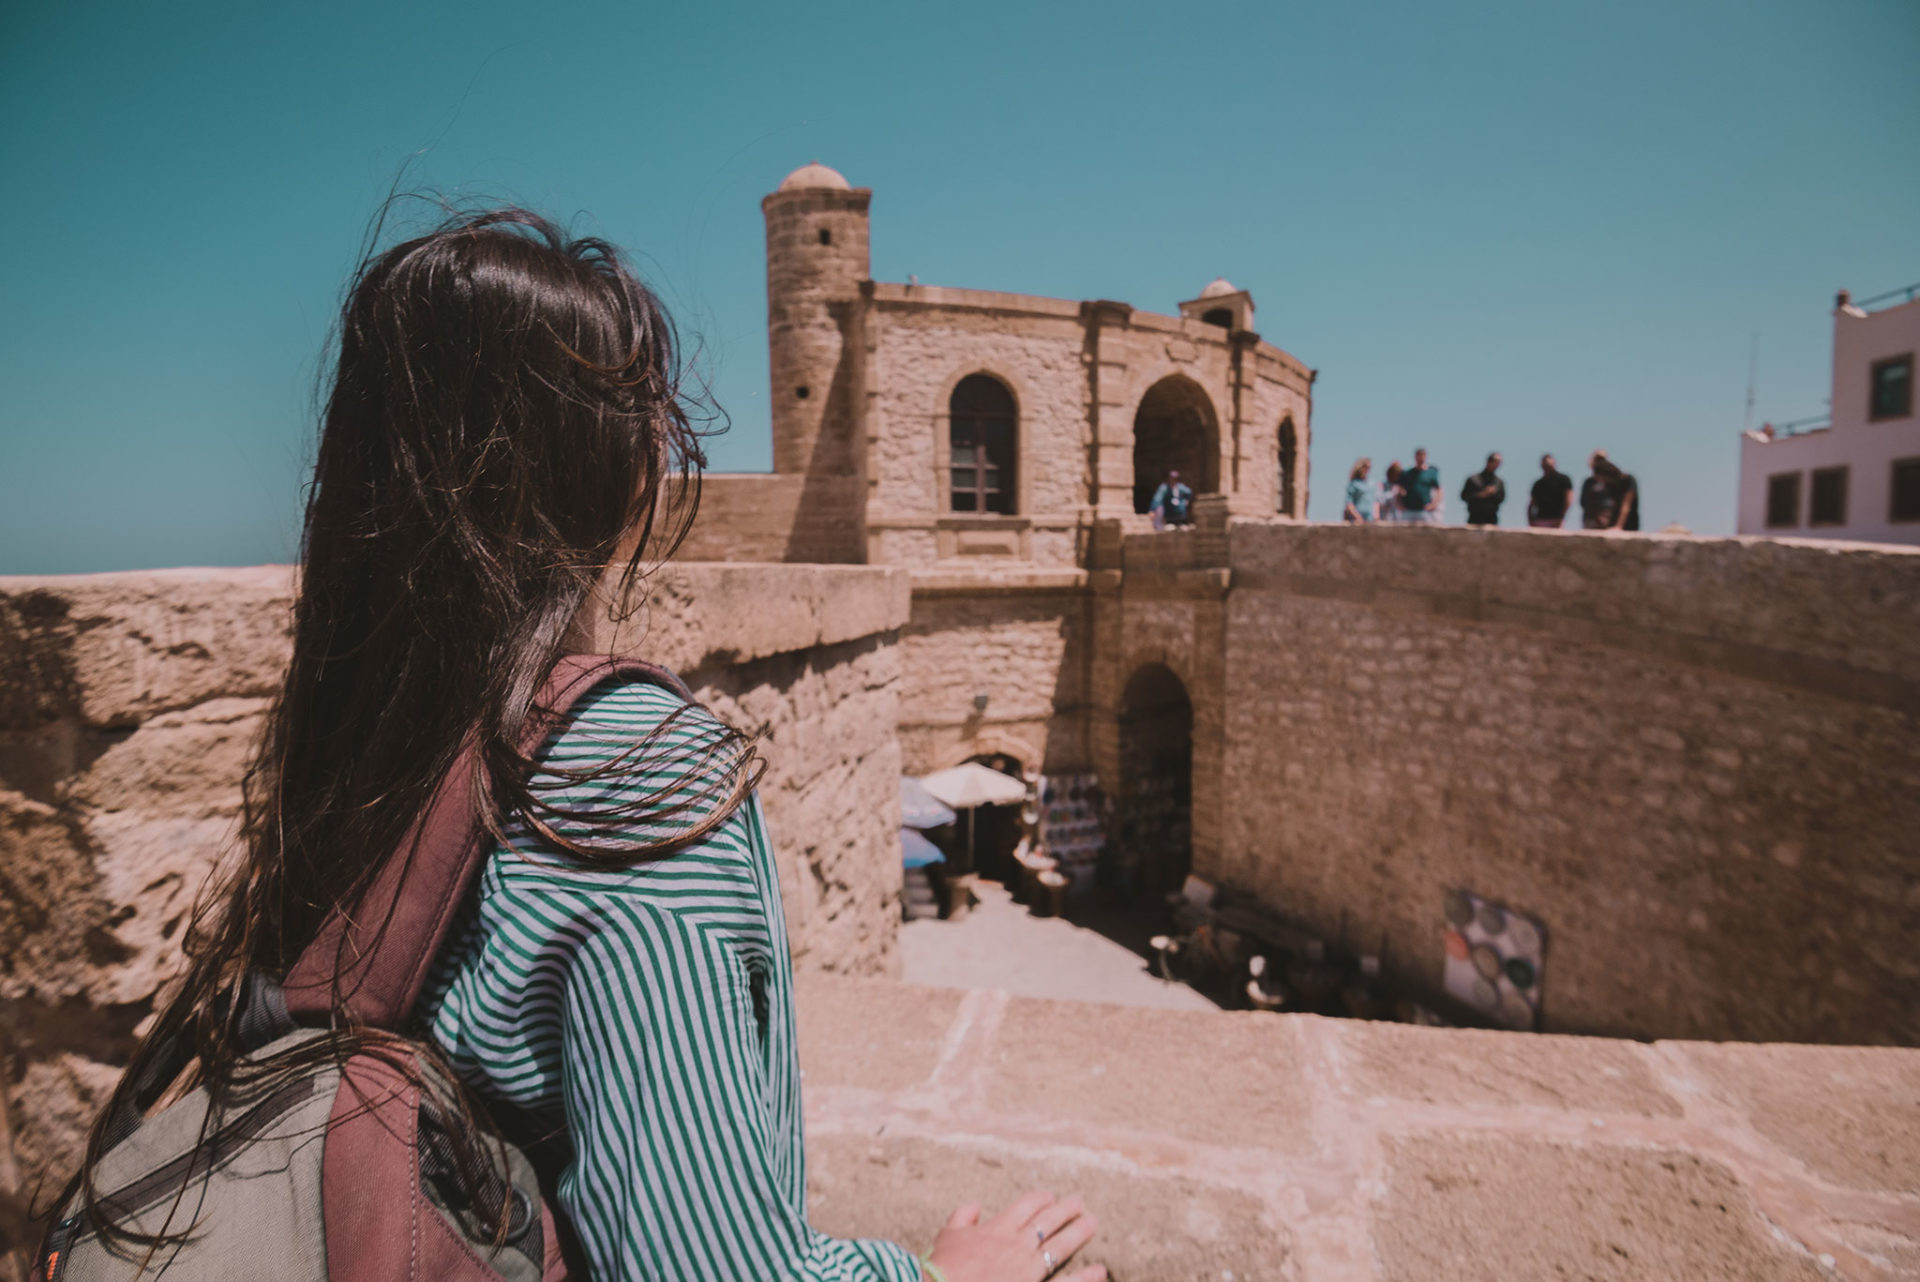 Les remparts d'Essaouira